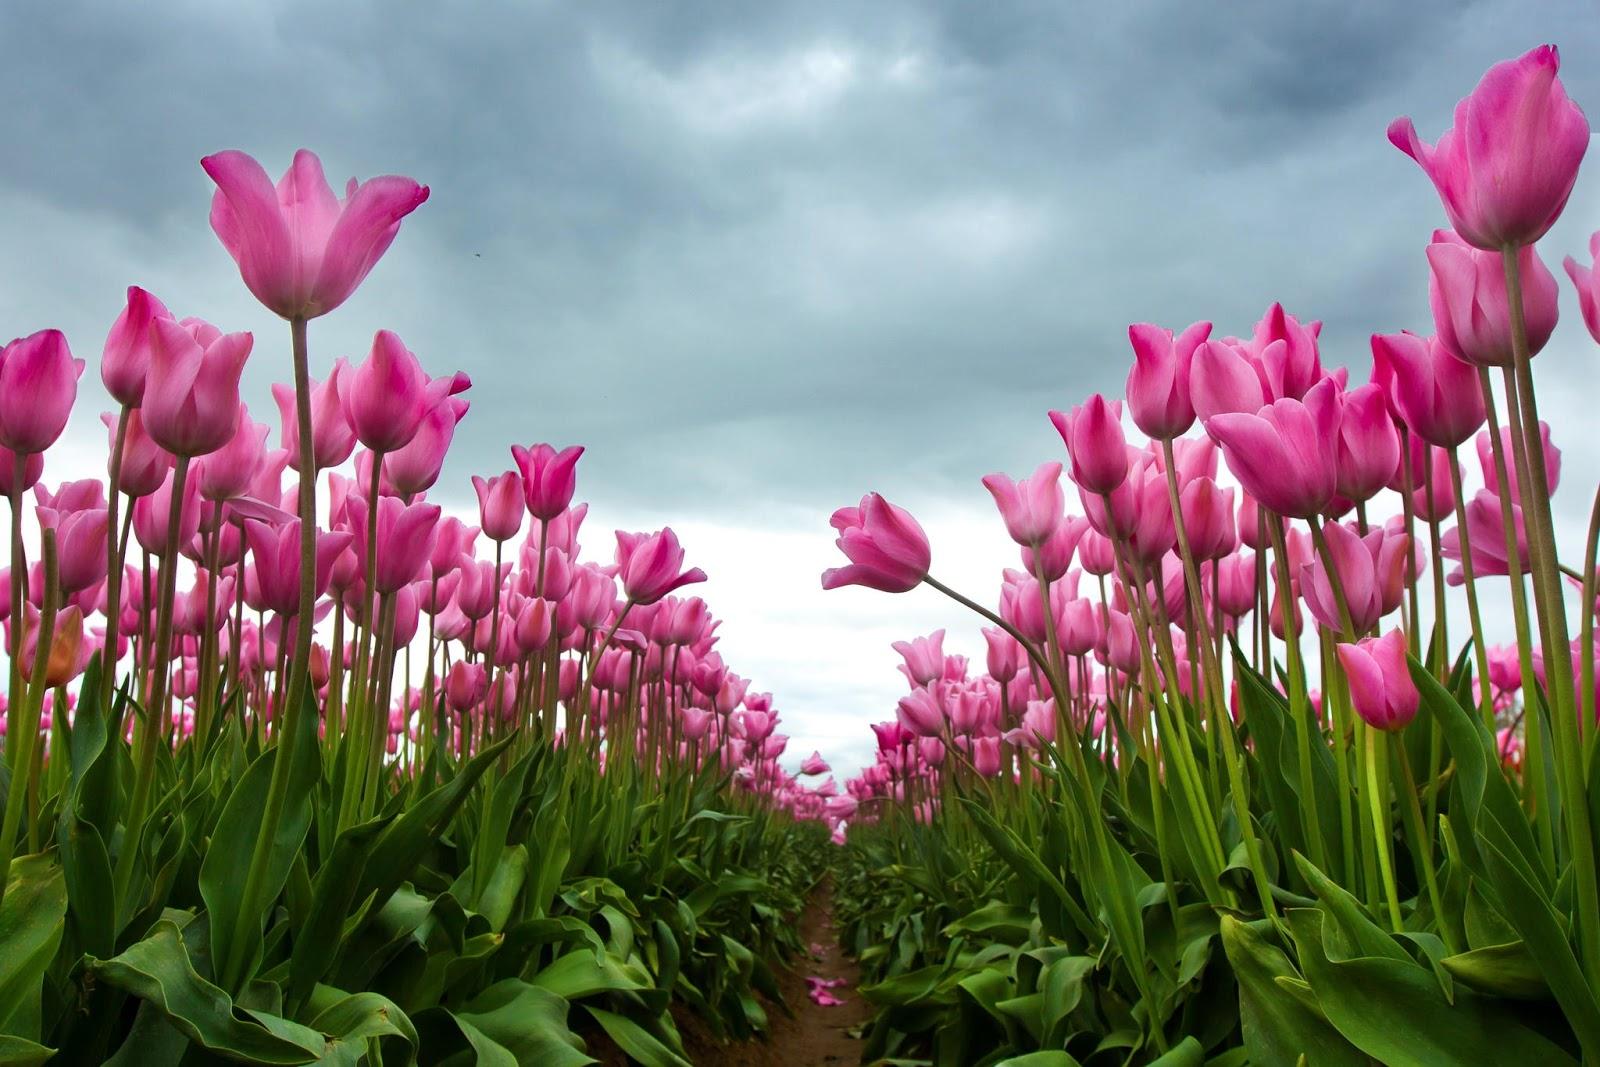 Banco de im genes gratis 30 fotos de tulipanes en varios - Para ver fotos ...